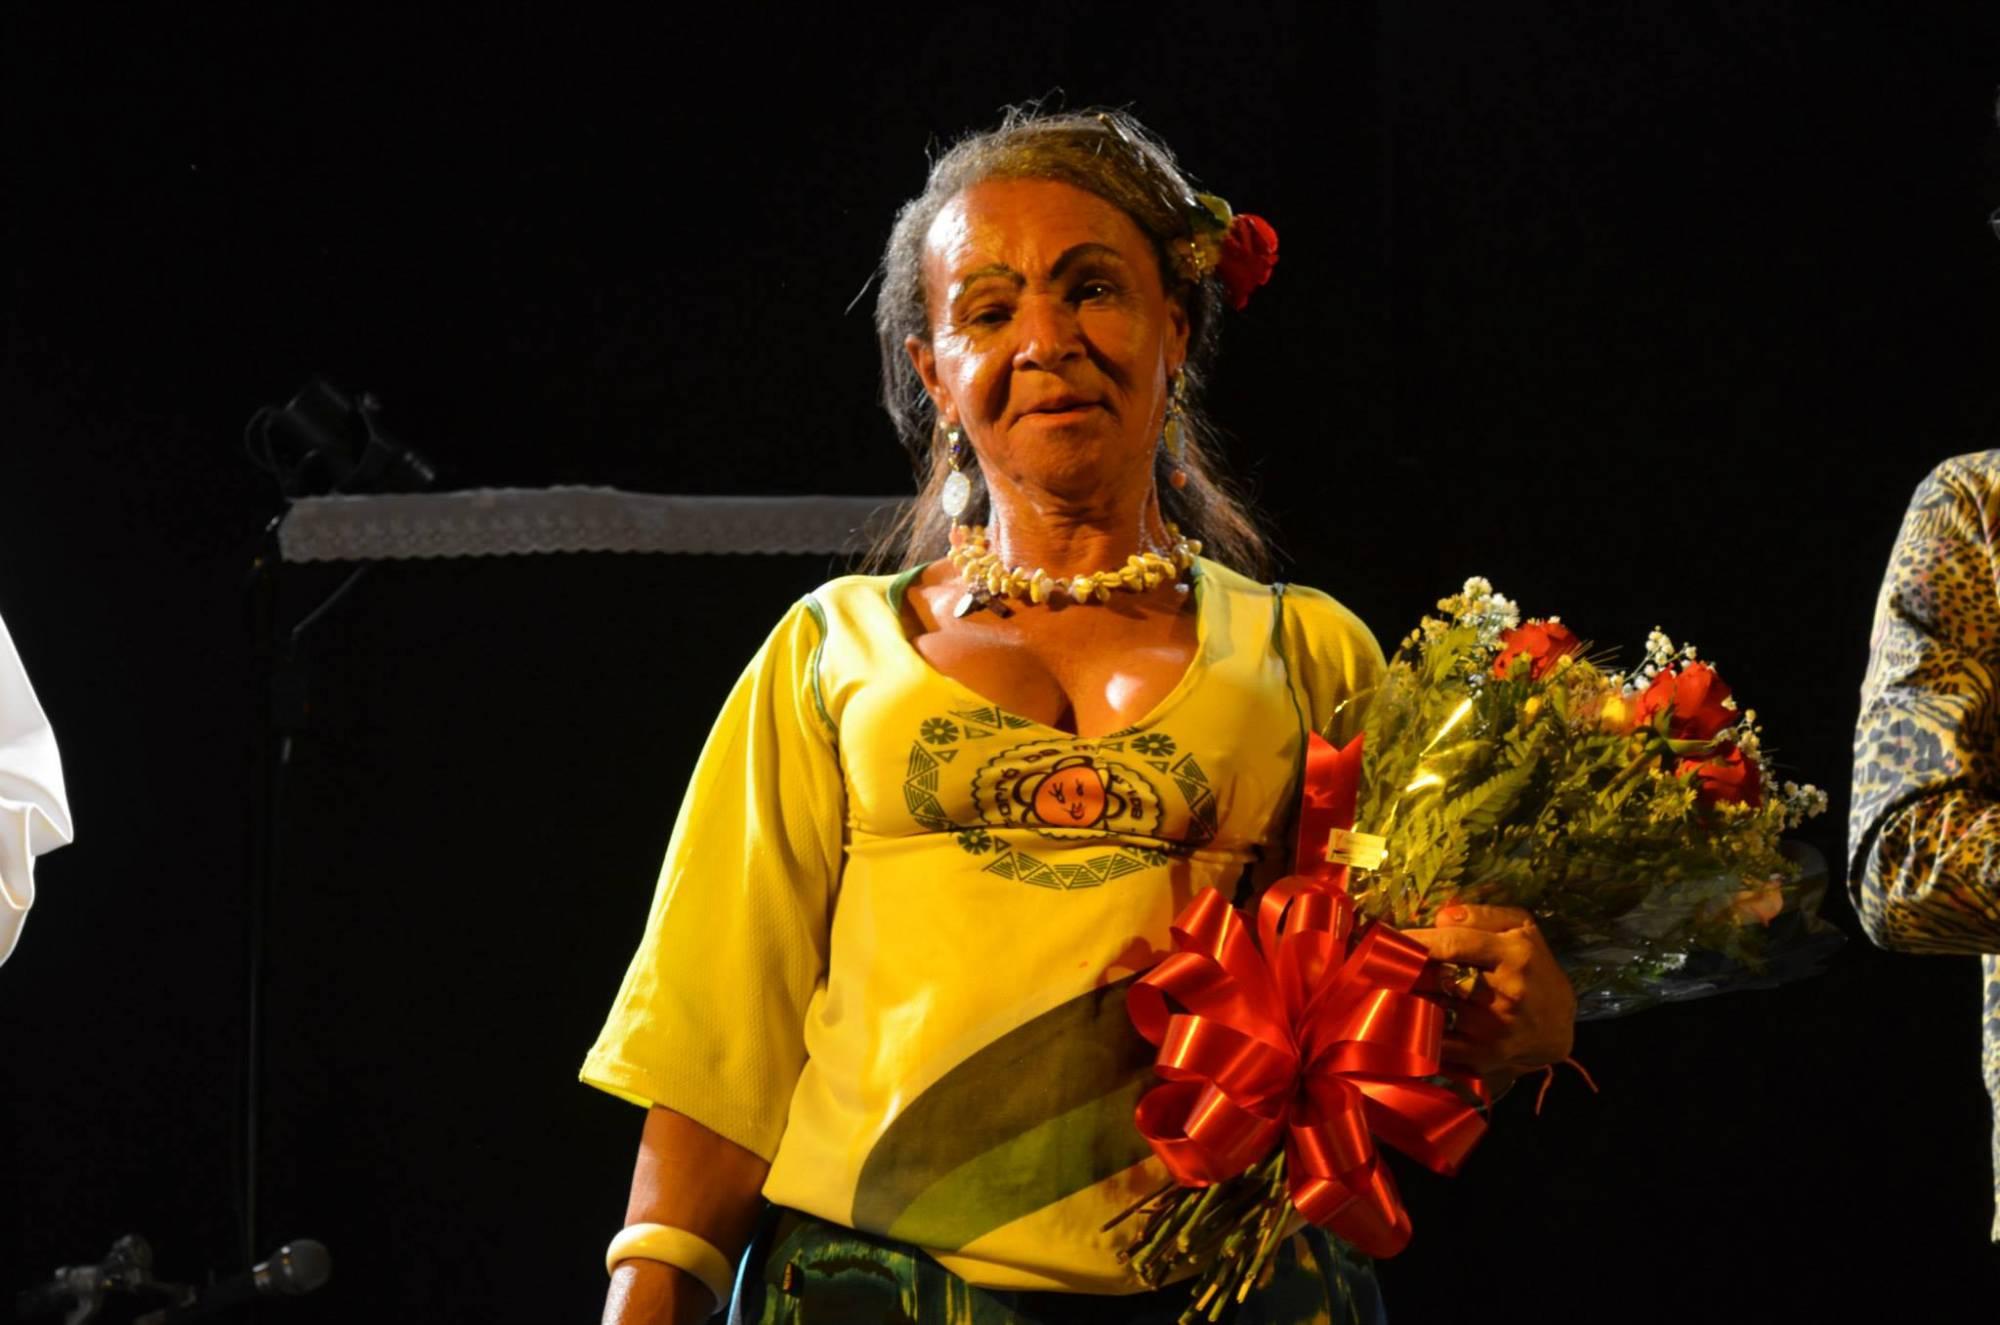 Joelma, uma das primeiras transexuais do Brasil, hoje com 71 anos. Imagem: Vôo Filmes